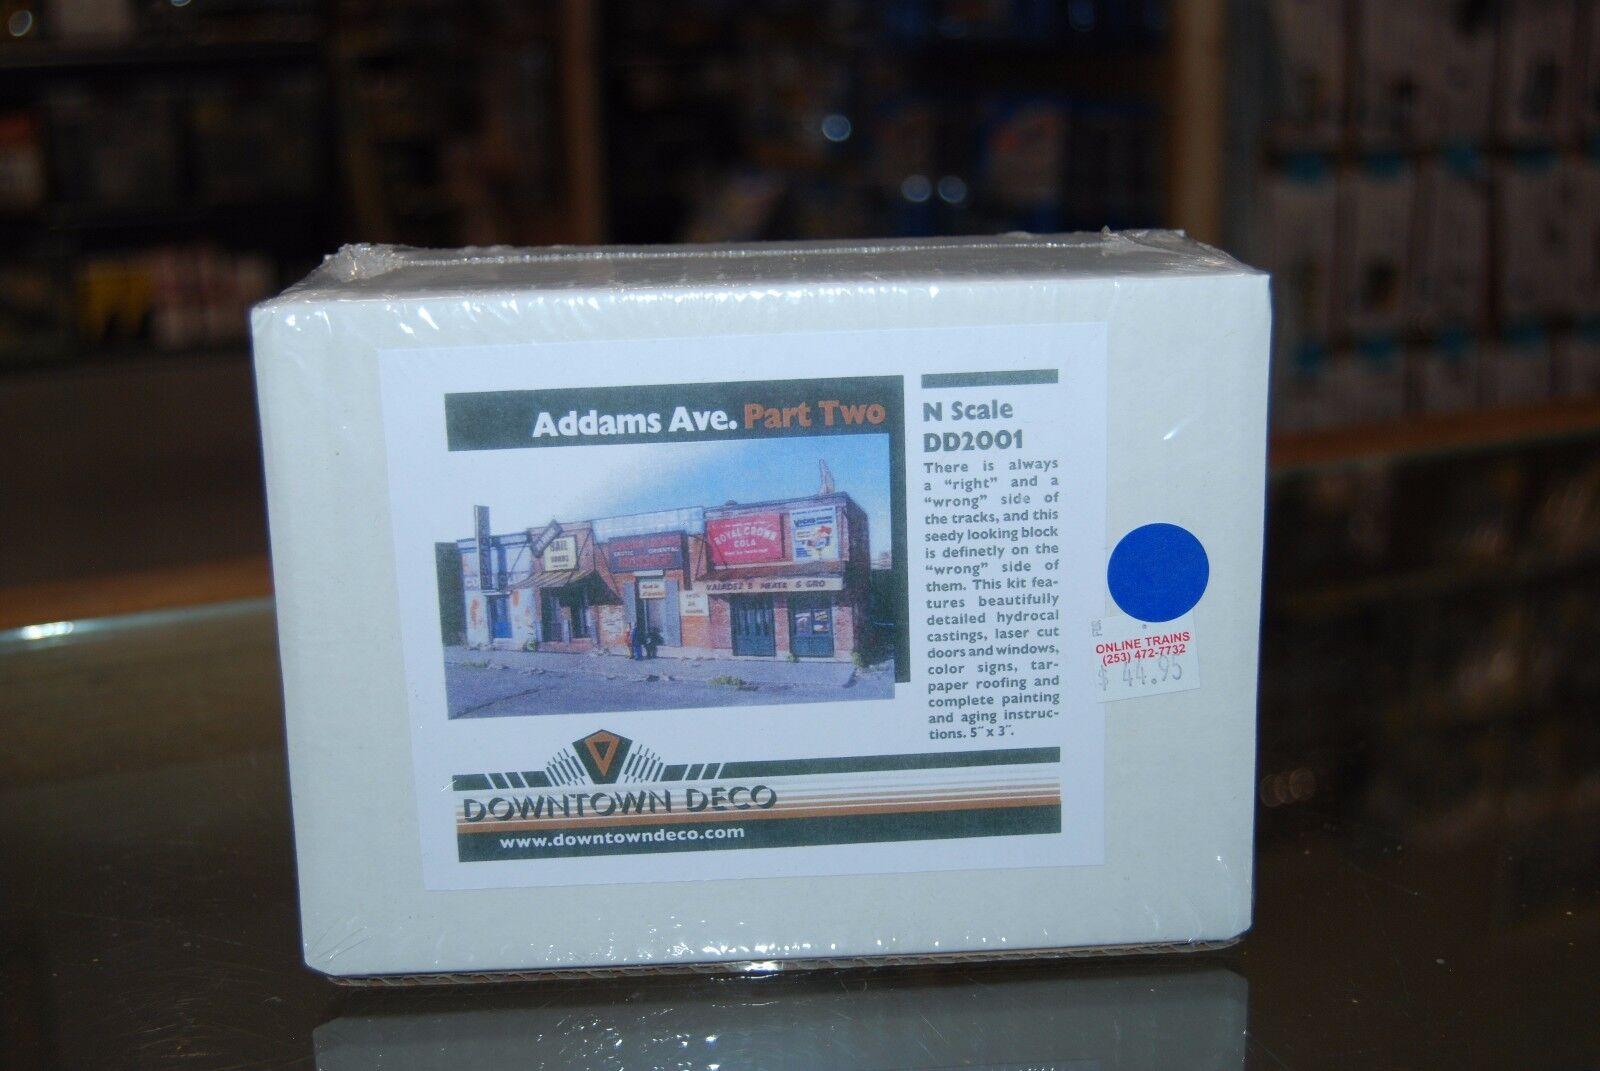 N Scale Downtown Deco DD2001  Addams Ave. Part Two  NIB